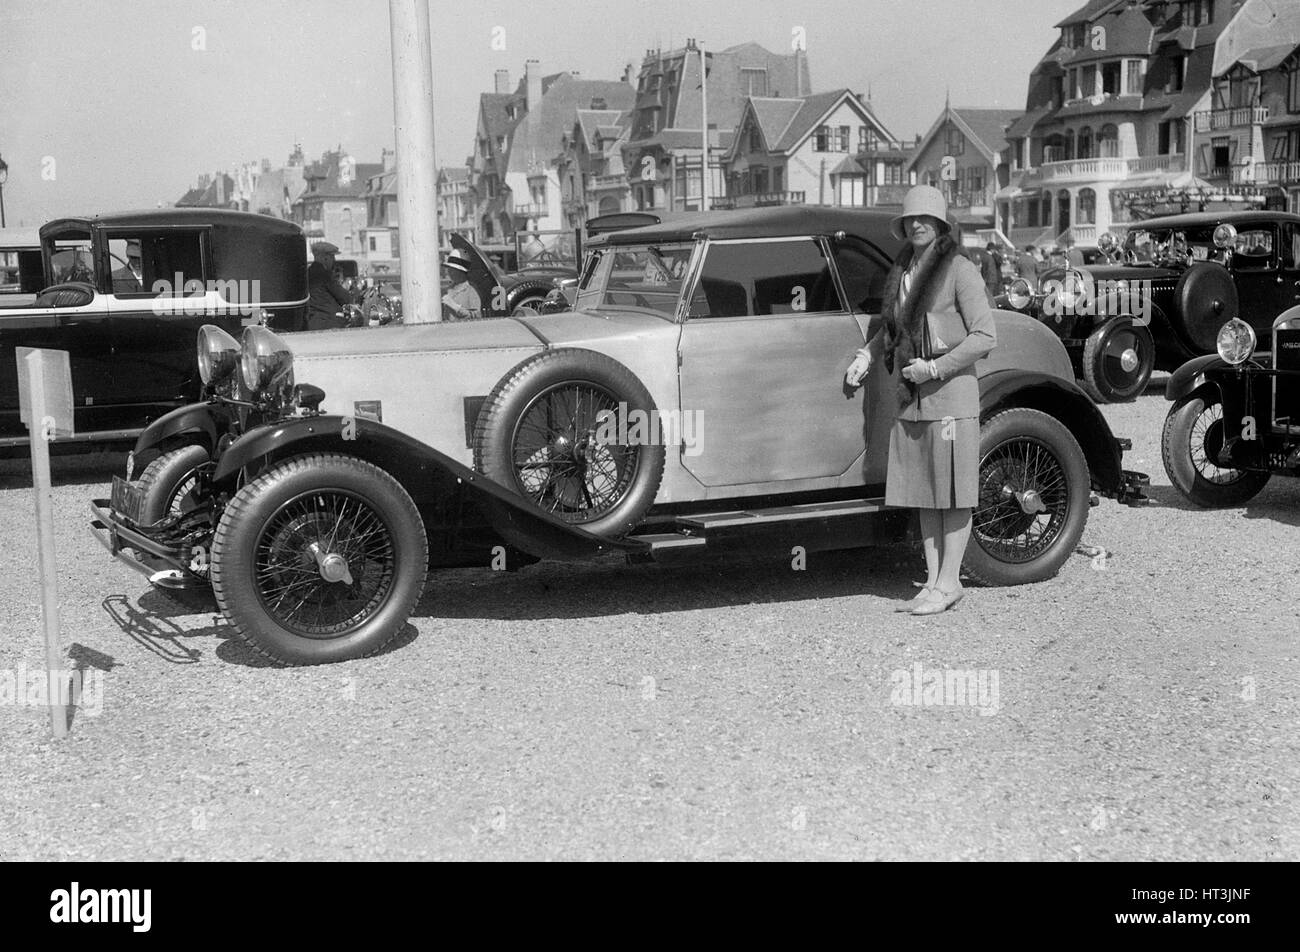 Delage at Boulogne Motor Week, France, 1928. Artist: Bill Brunell. - Stock Image